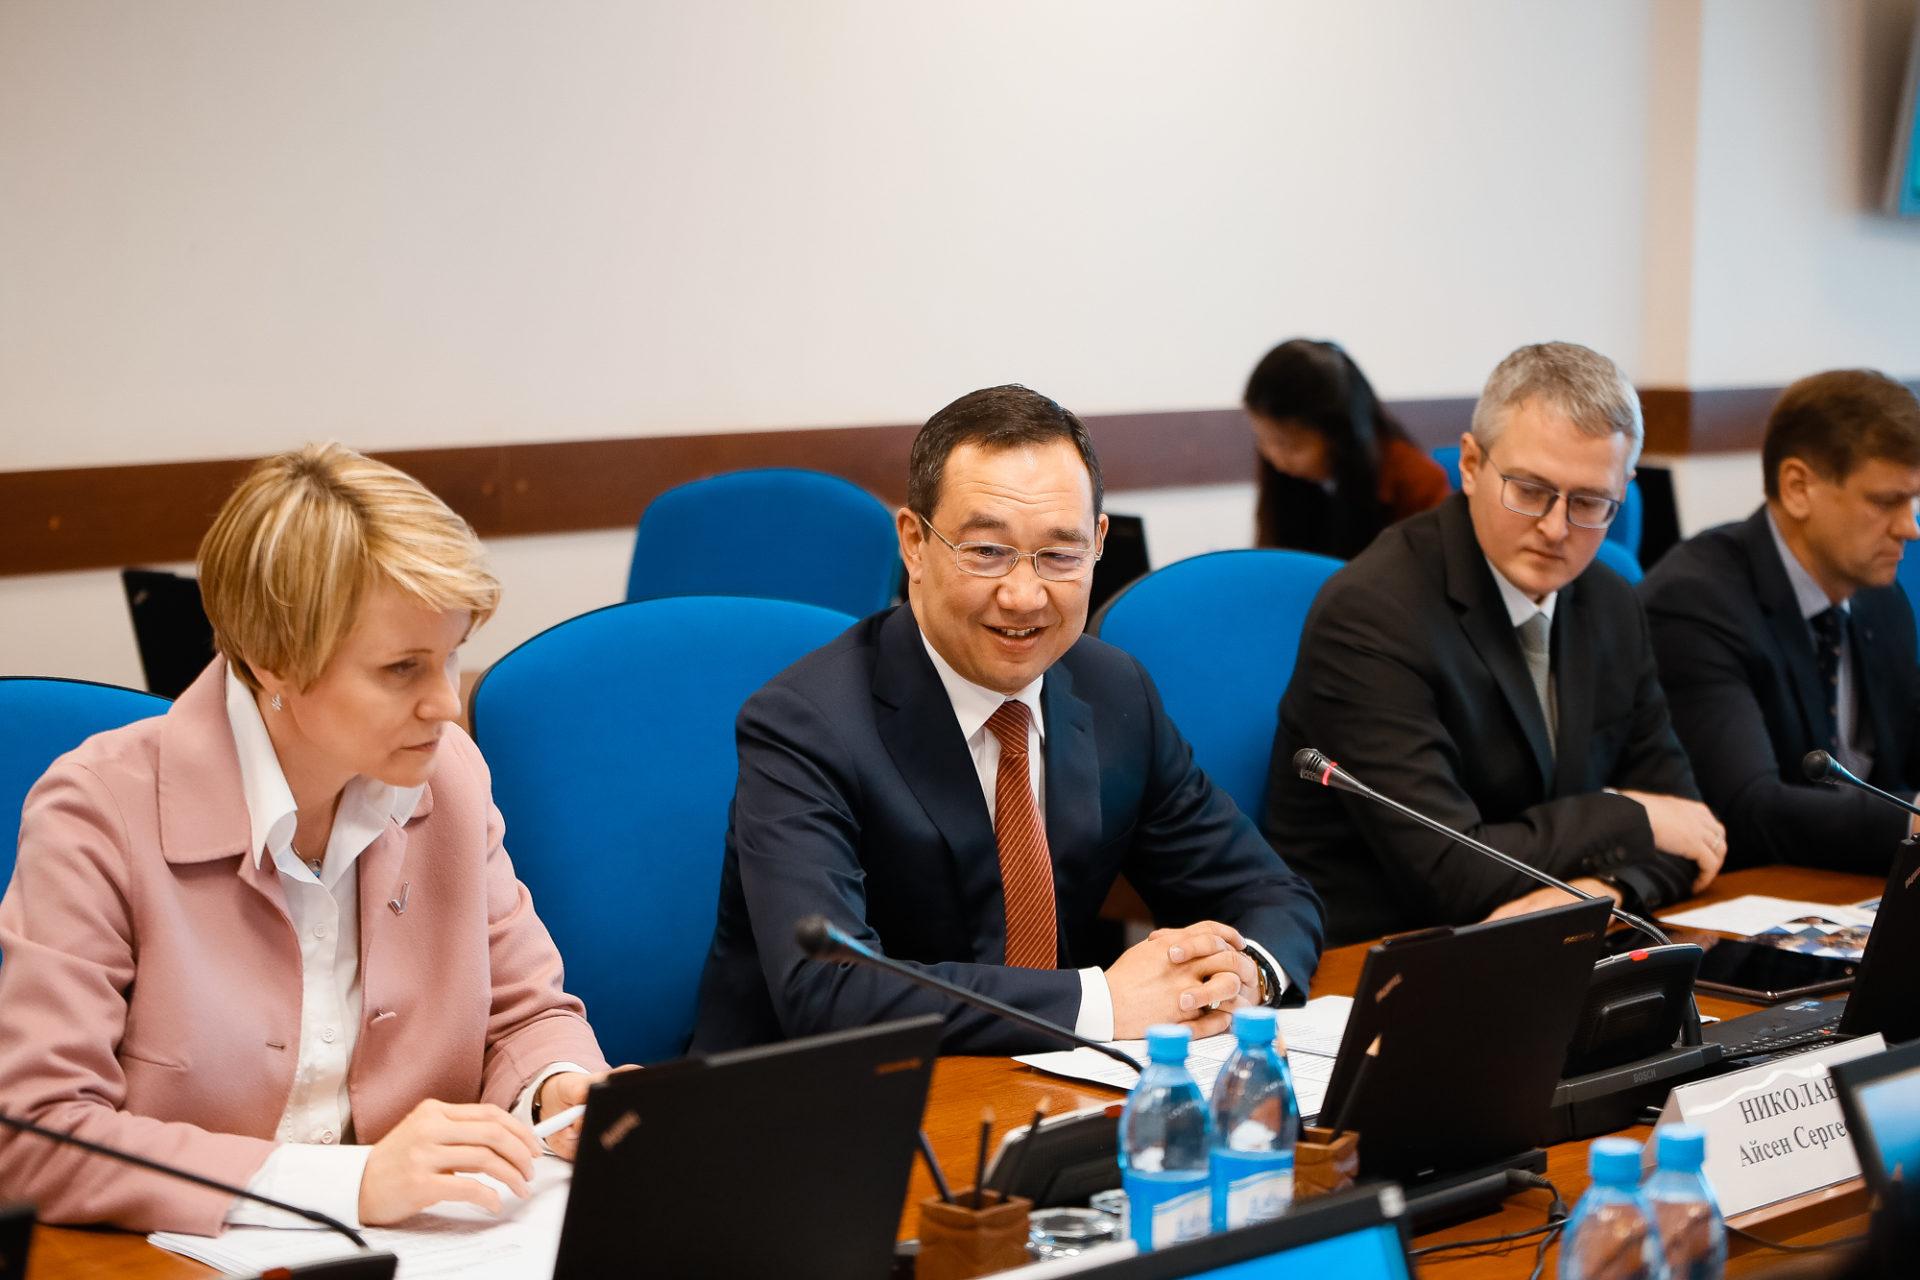 Айсен Николаев и Елена Шмелева провели первое заседание Попечительского совета по выявлению и поддержке одаренных детей